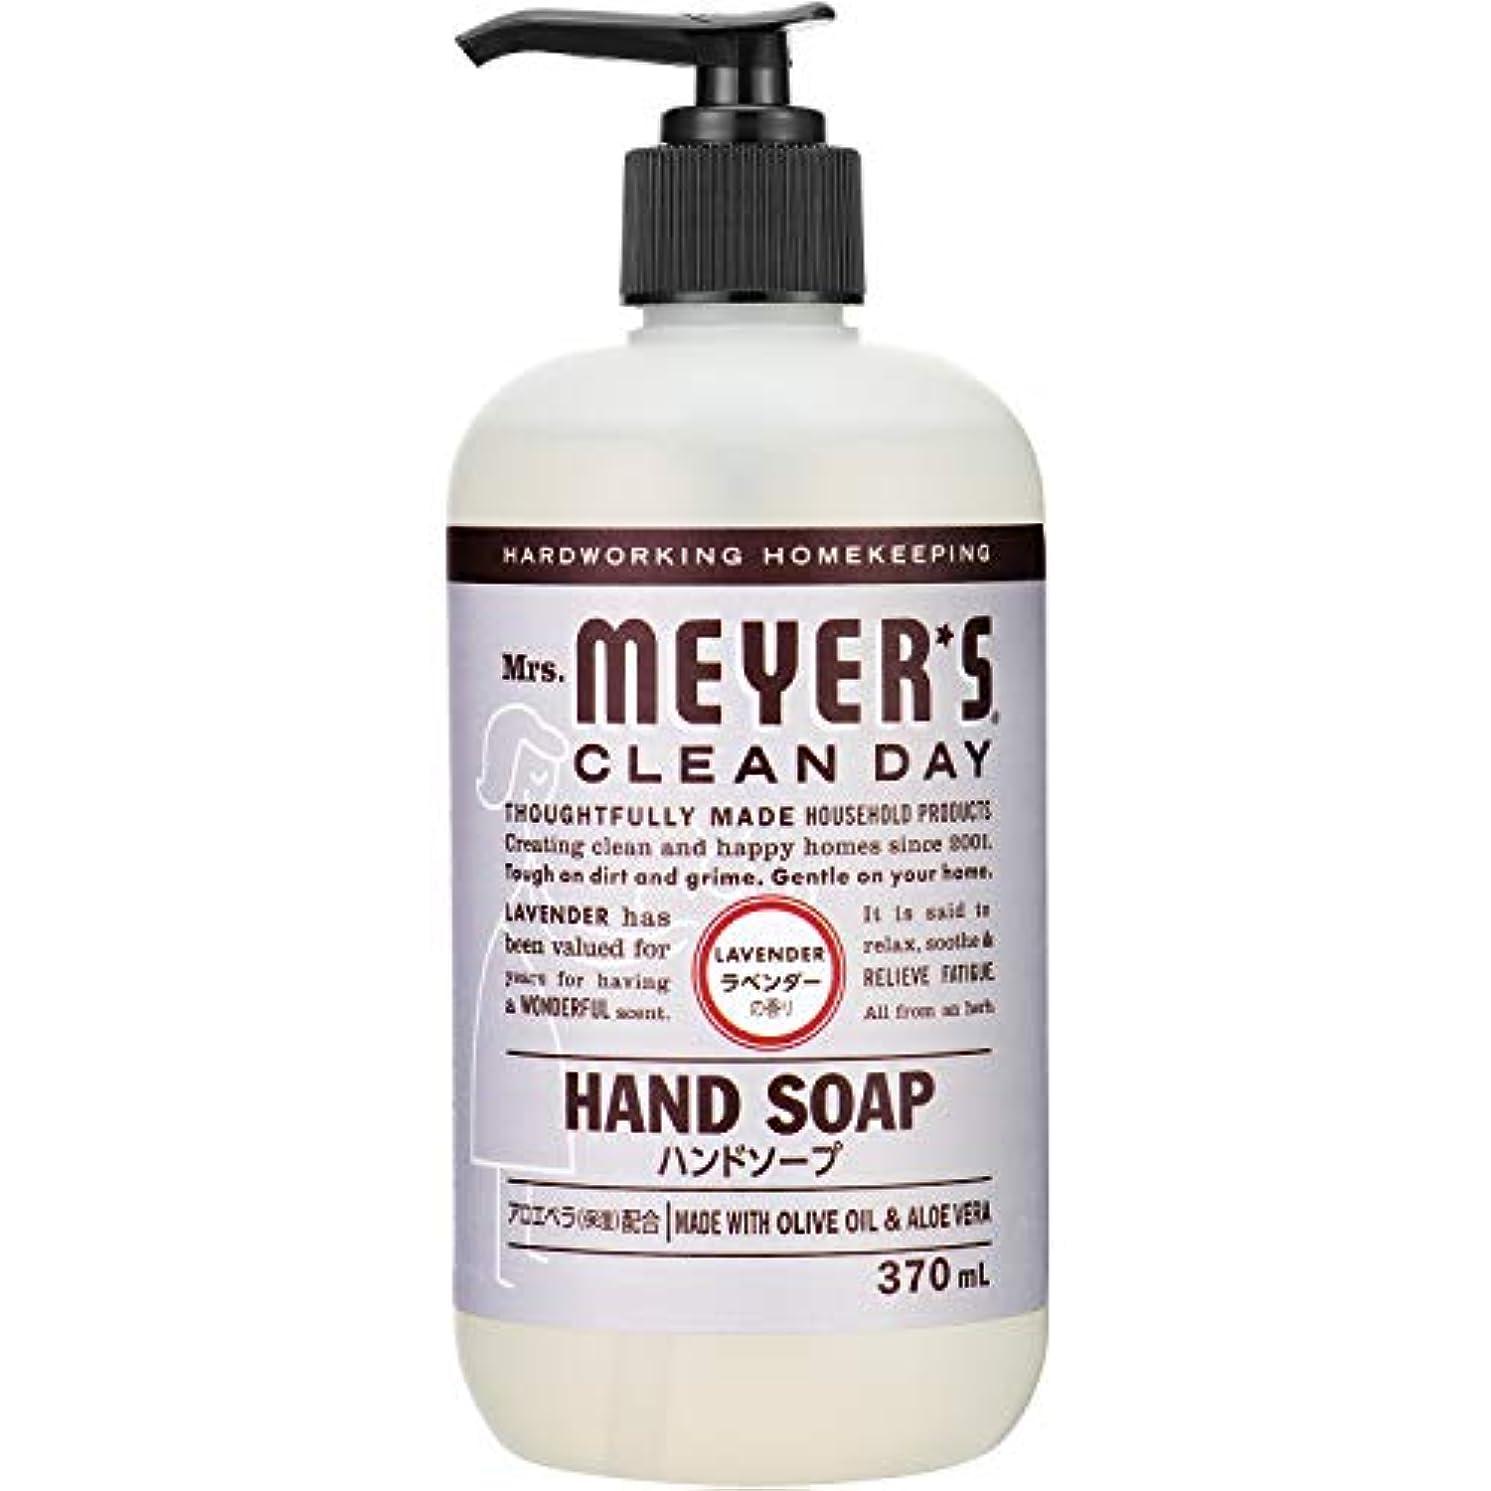 艶決めます補助金Mrs. MEYER'S CLEAN DAY(ミセスマイヤーズ クリーンデイ) ミセスマイヤーズ クリーンデイ(Mrs.Meyers Clean Day) ハンドソープ ラベンダーの香り 370ml